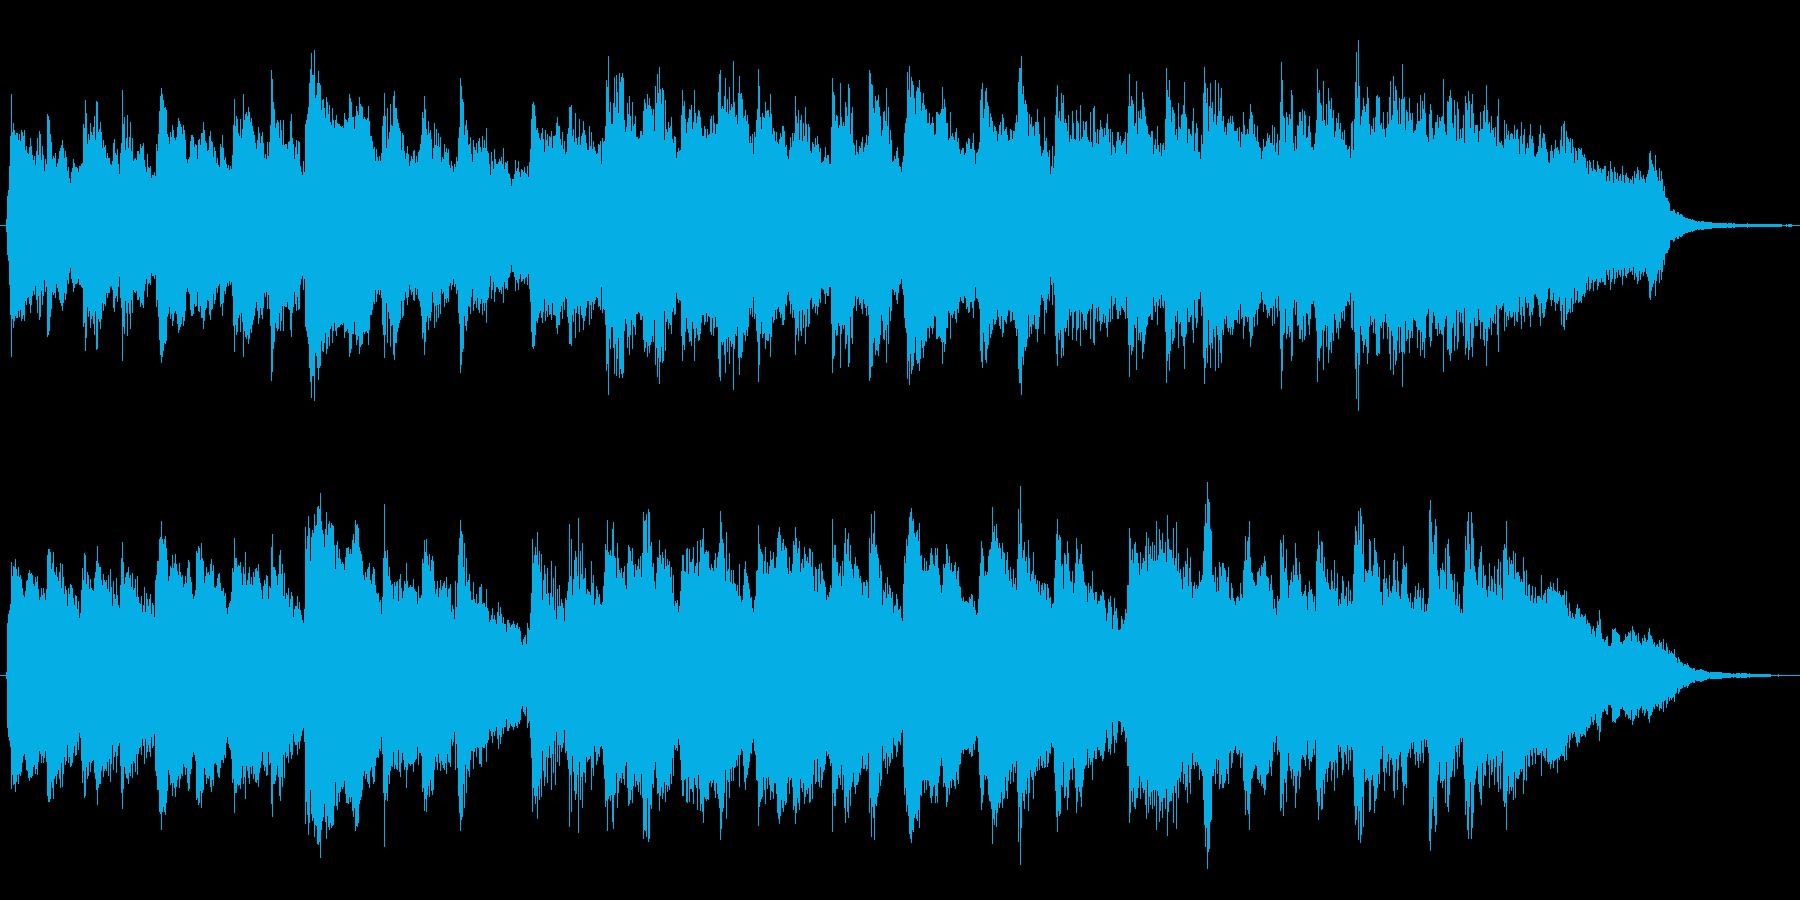 ピアノとシンセの幻想的なジングルの再生済みの波形